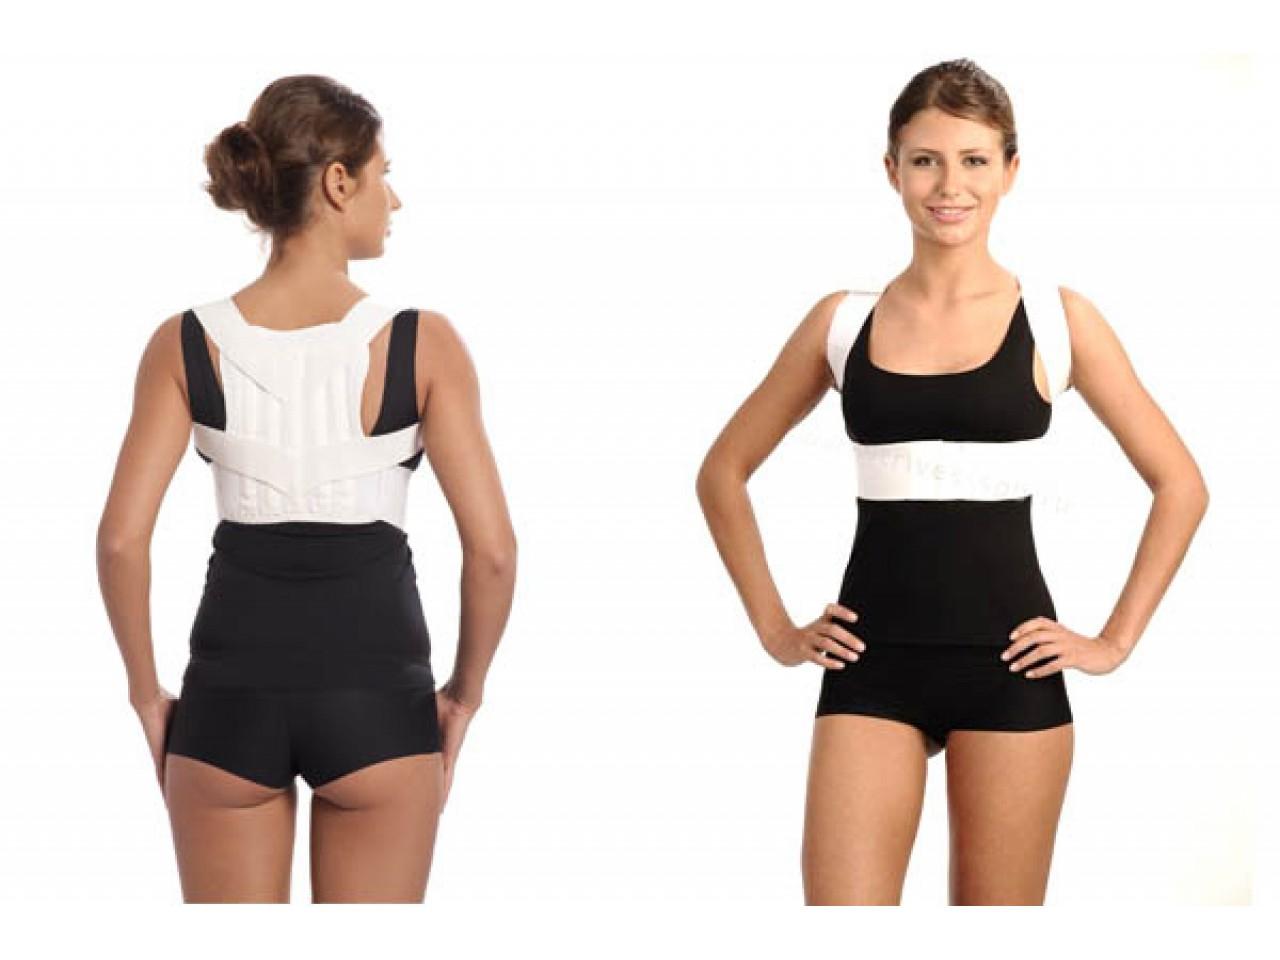 Корсет для осанки-основные виды для взрослых и детей, как правильно носить для выпрямления спины